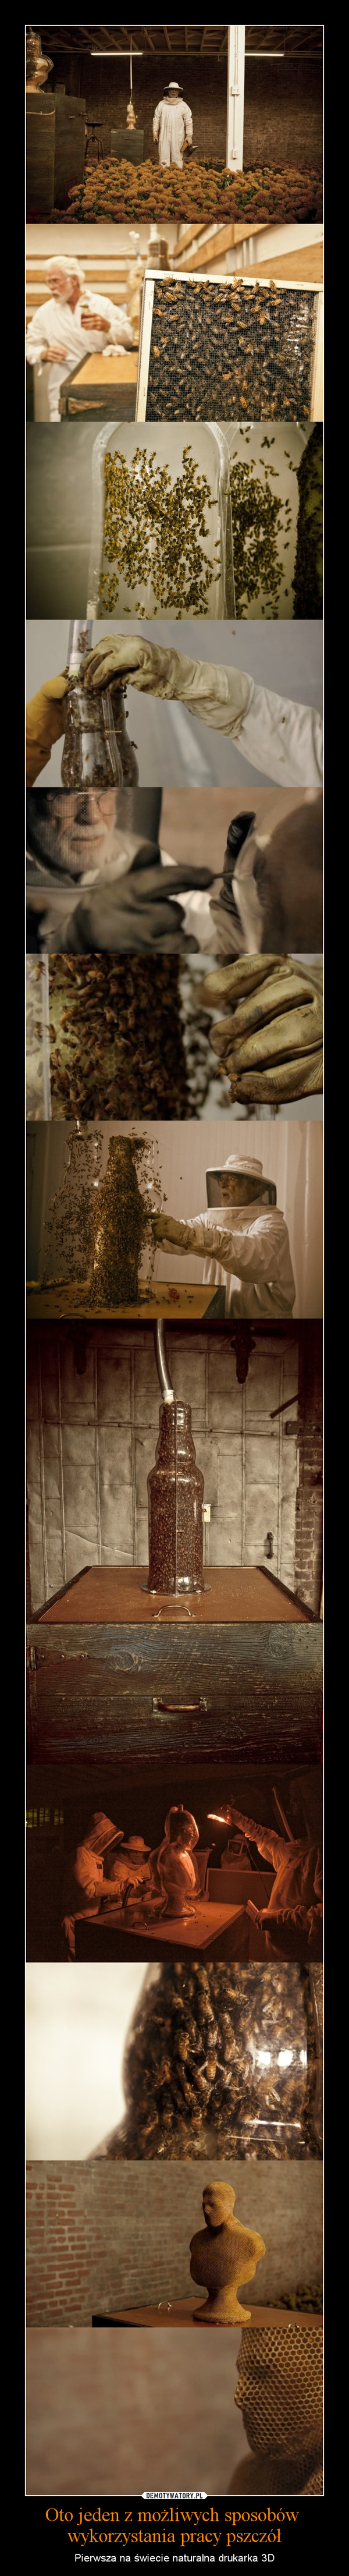 Oto jeden z możliwych sposobów wykorzystania pracy pszczół – Pierwsza na świecie naturalna drukarka 3D